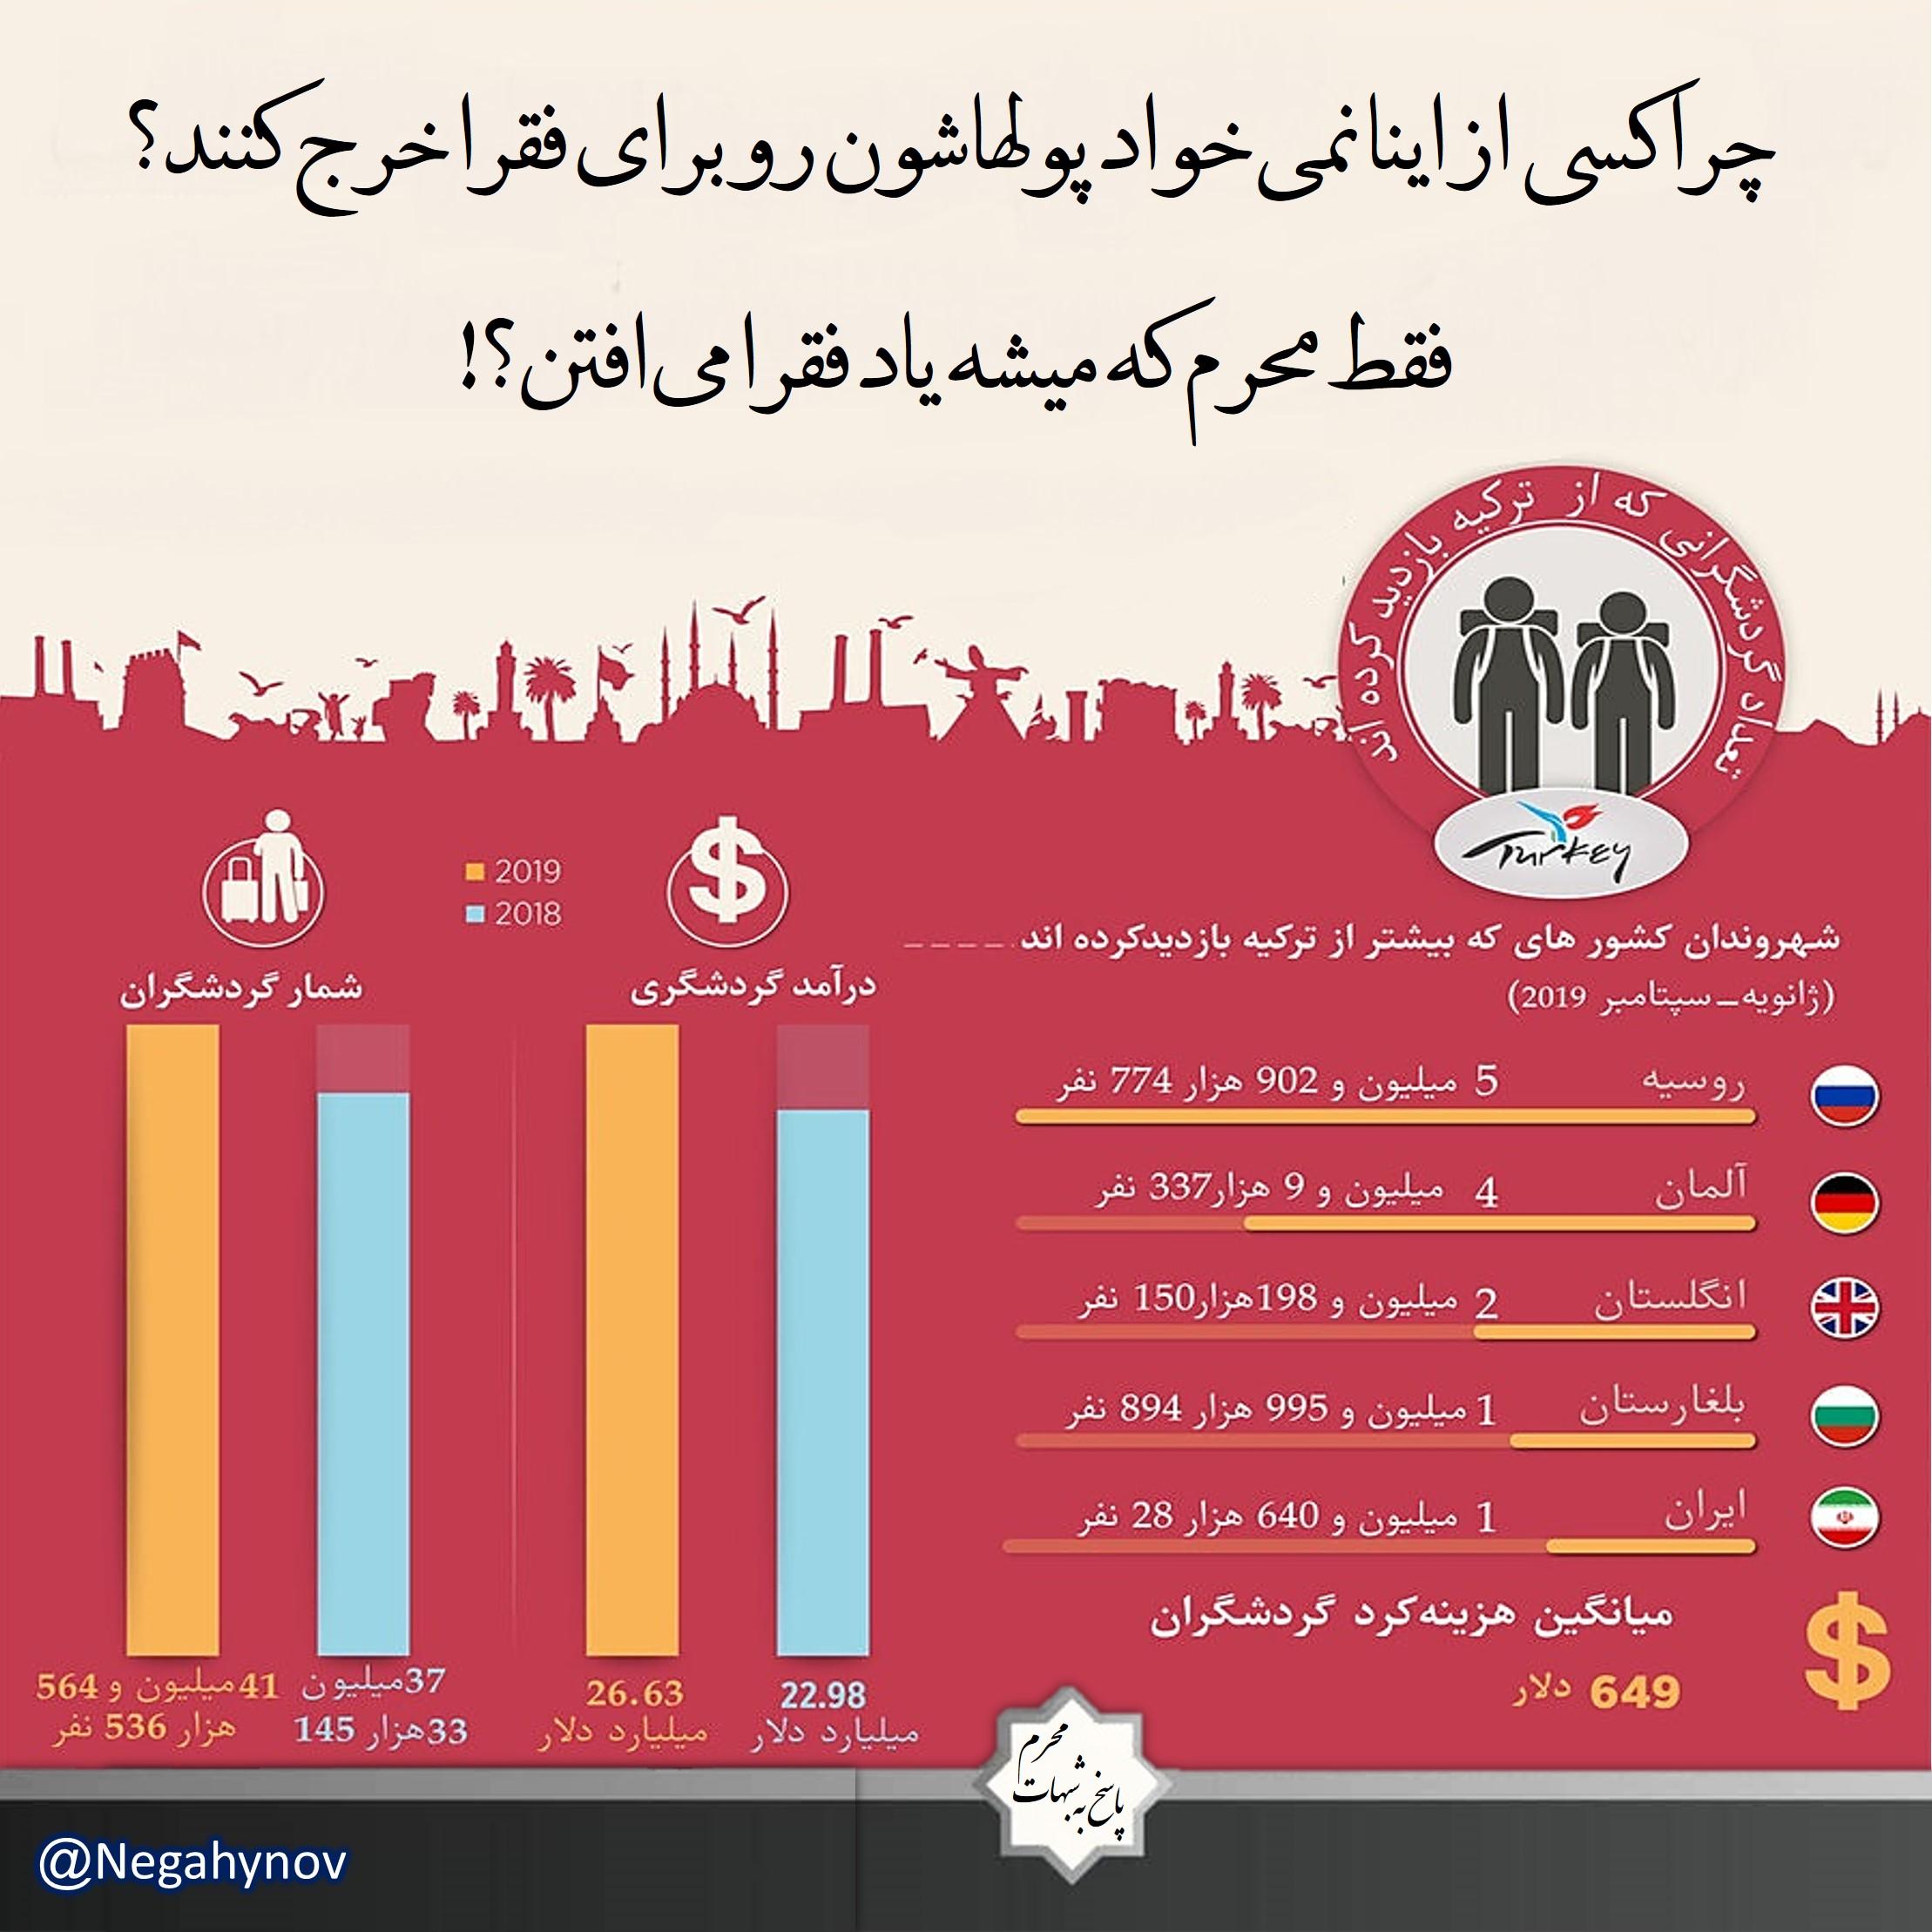 ترکیه، هیأت، خرج فقرا! - نگاهی نو